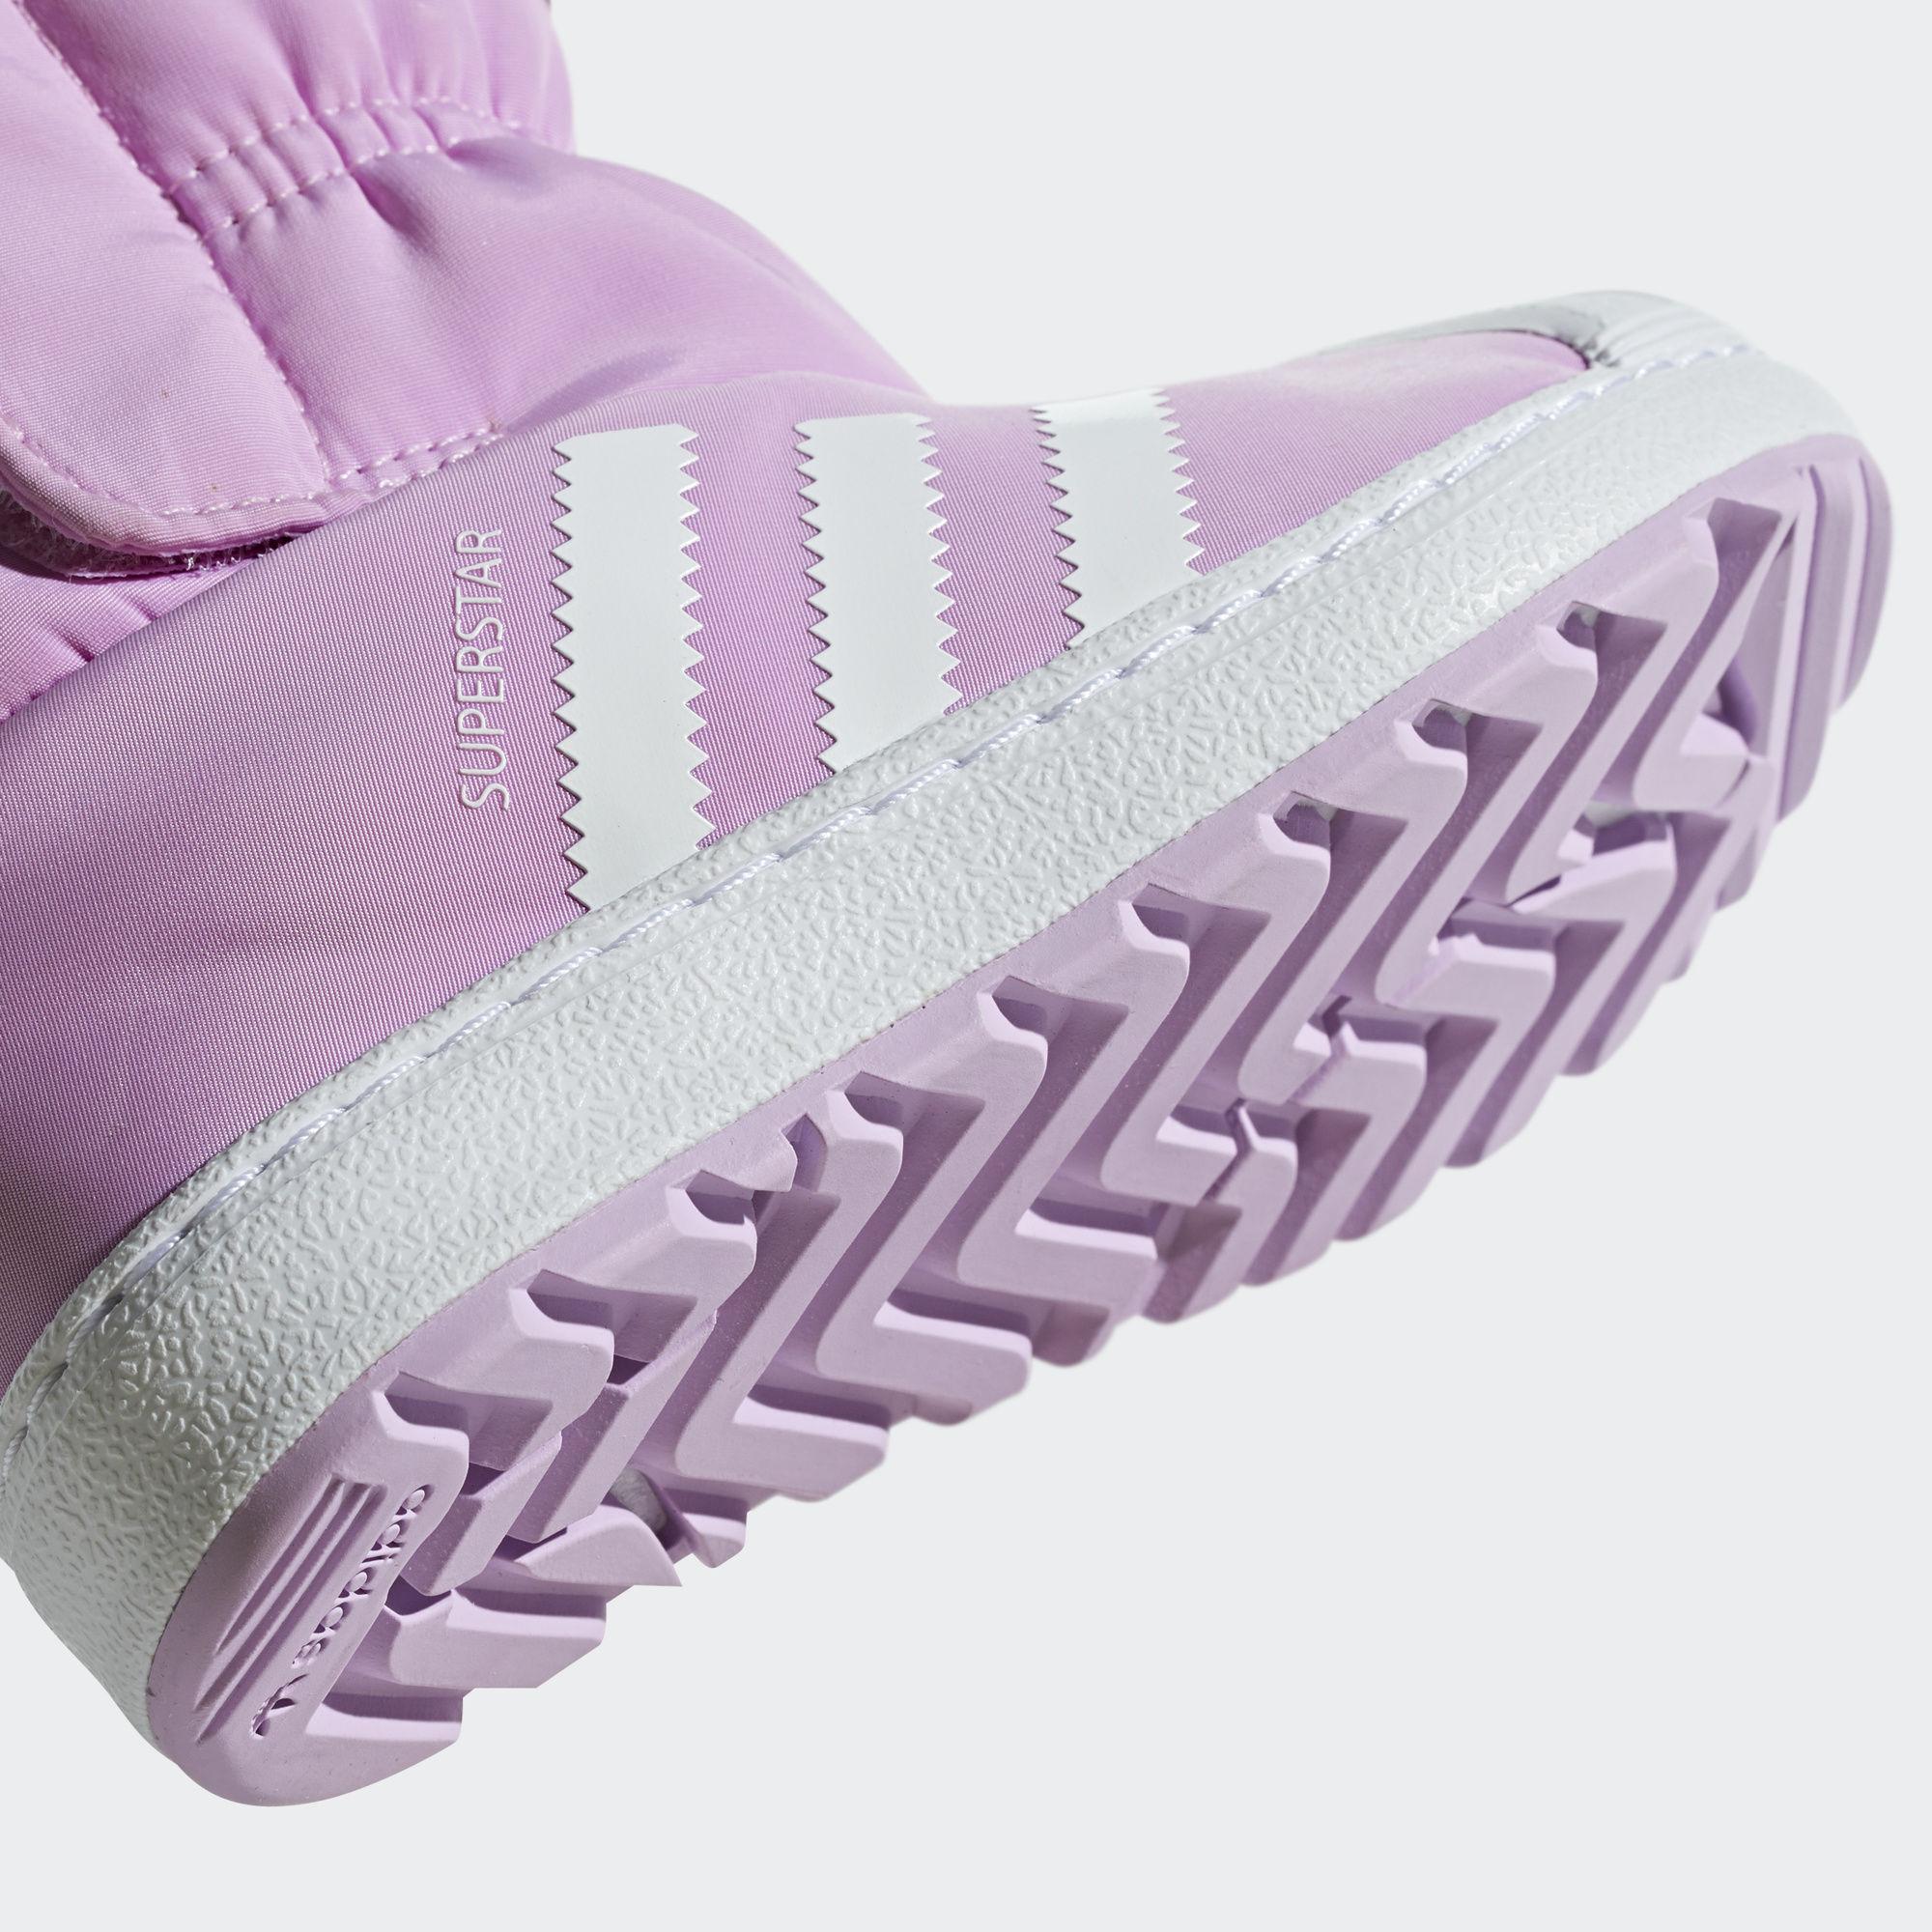 Зимние ботинки Superstar B37303 adidas Originals - Украина   ONETEAM ... d6bc30170d1